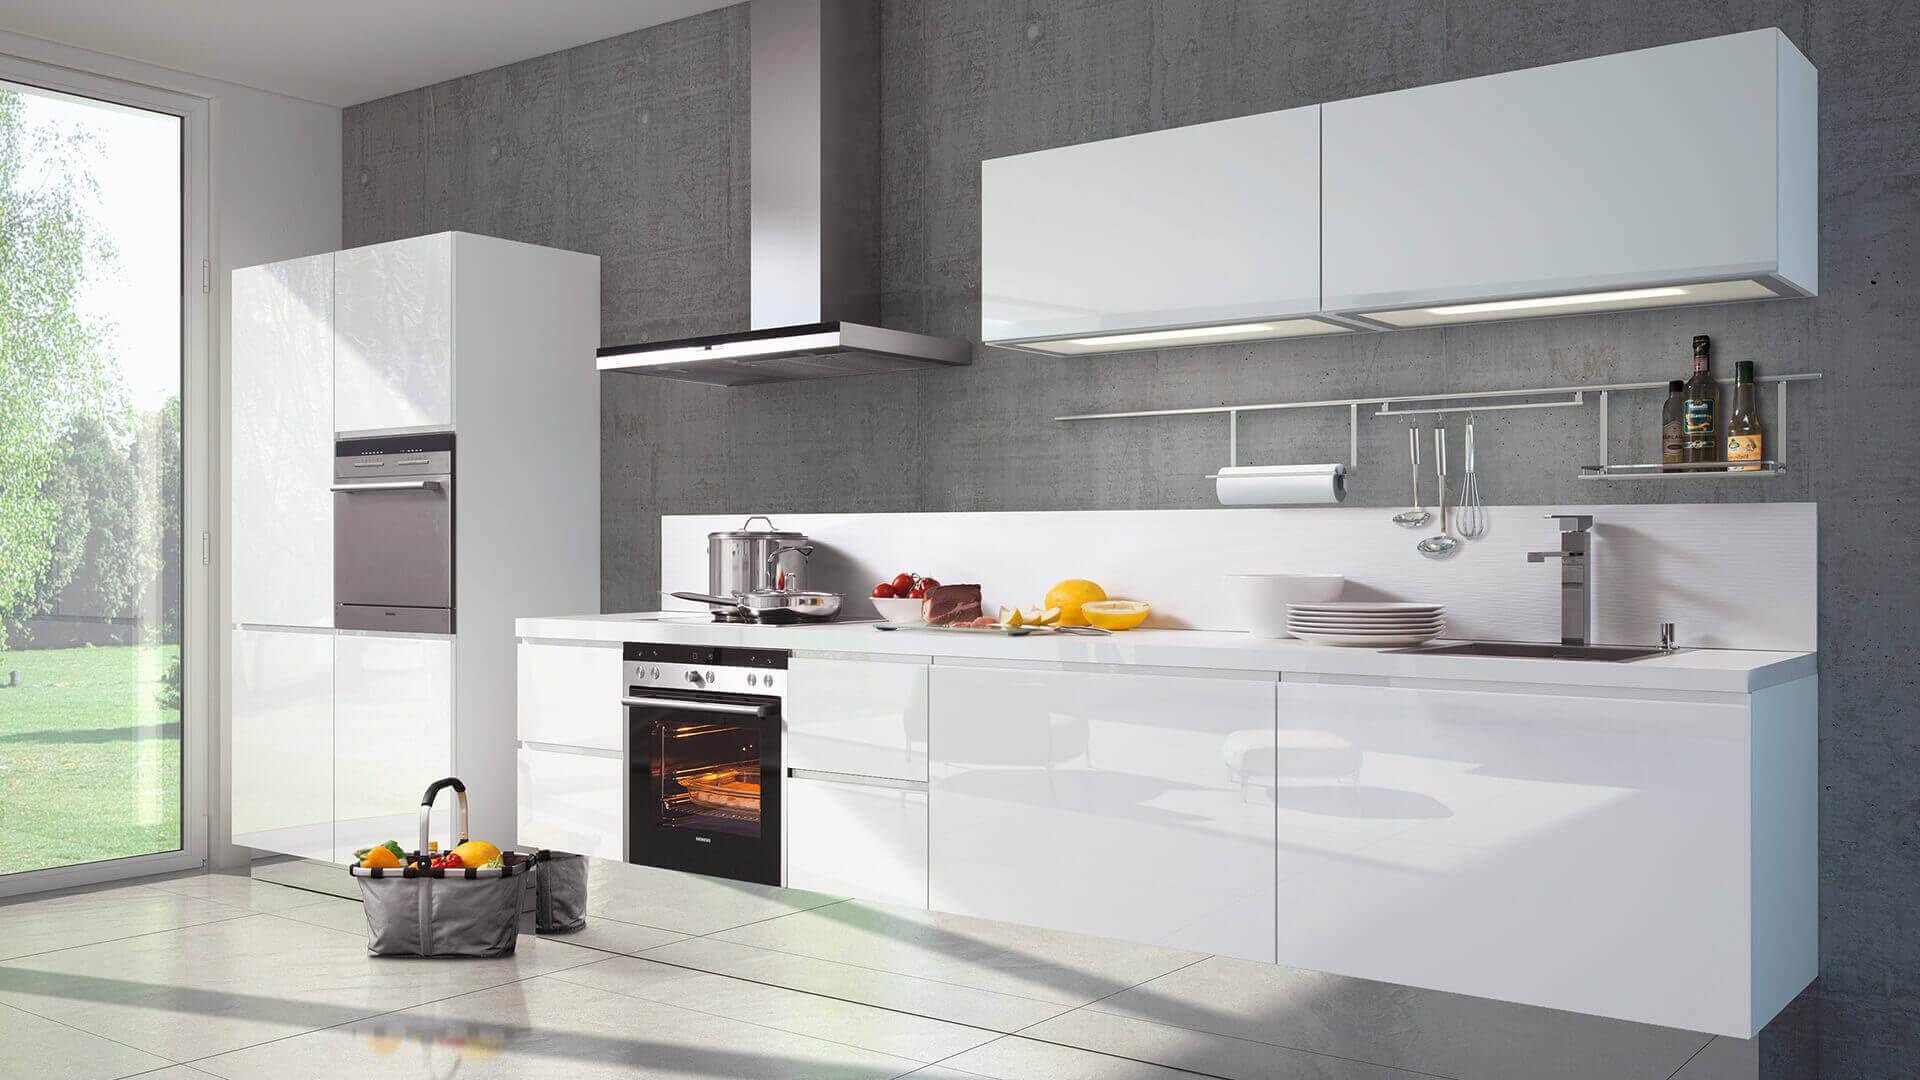 modular-kitchens11.jpg